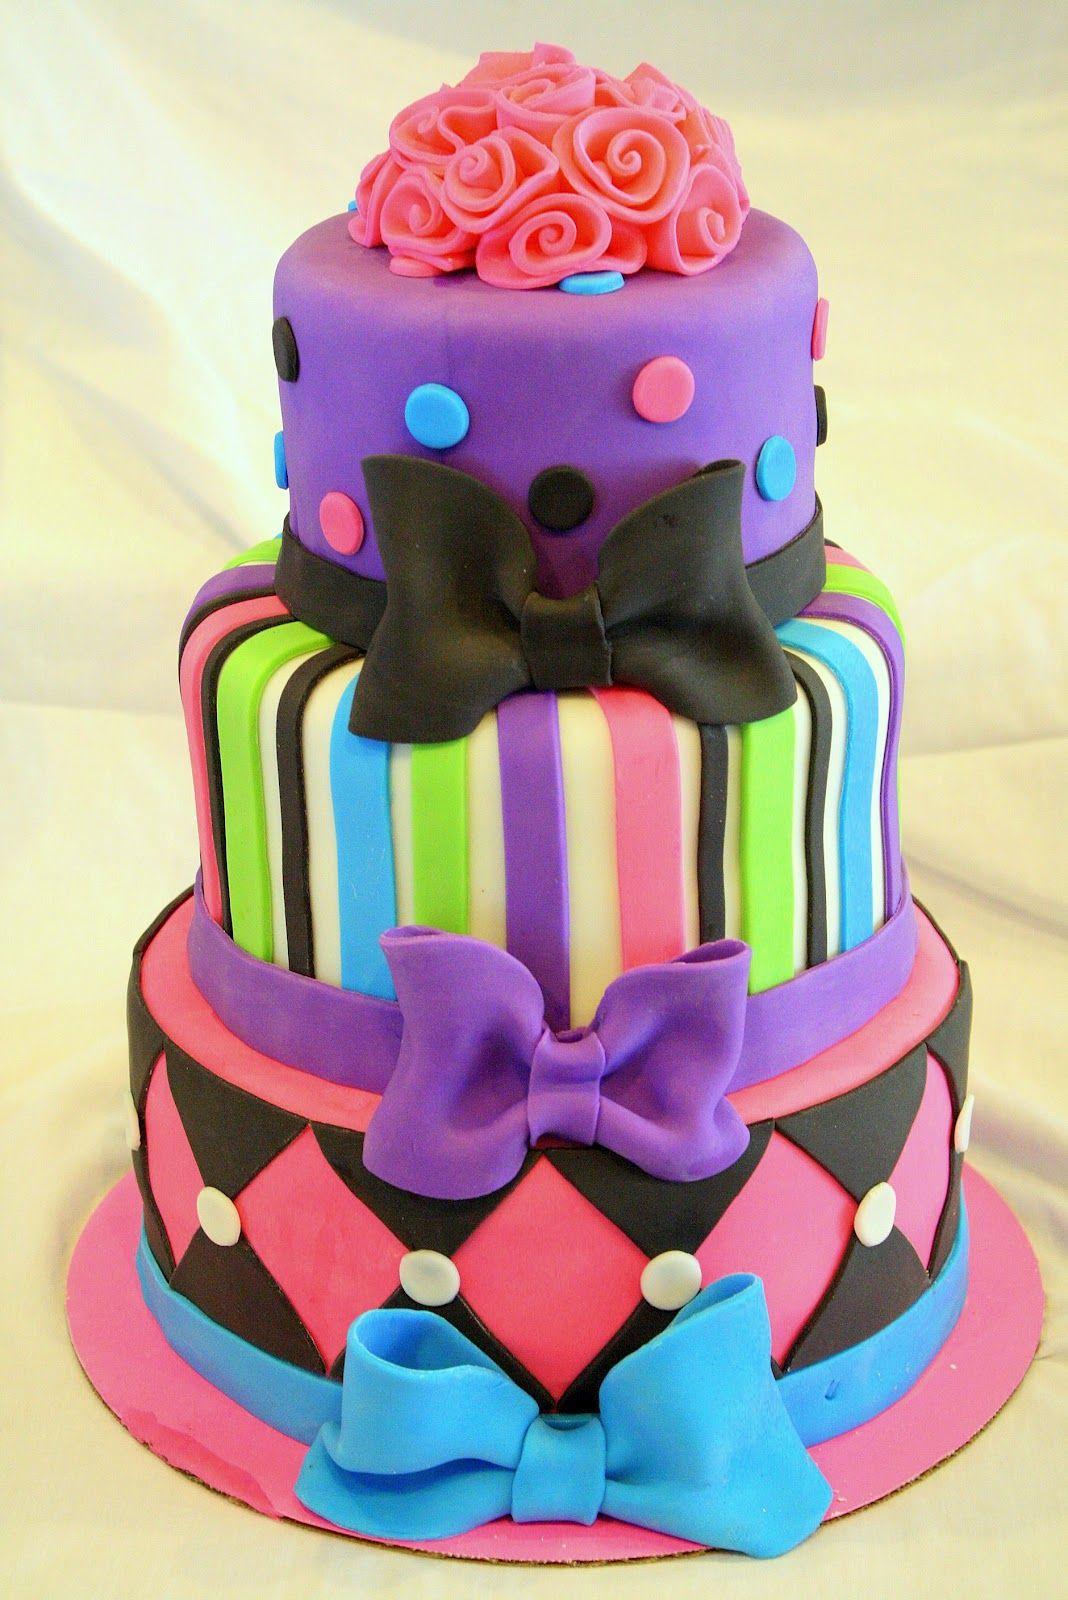 Fun Birthday Cake Awesome Cakes Mrak Torte Pinterest Fun